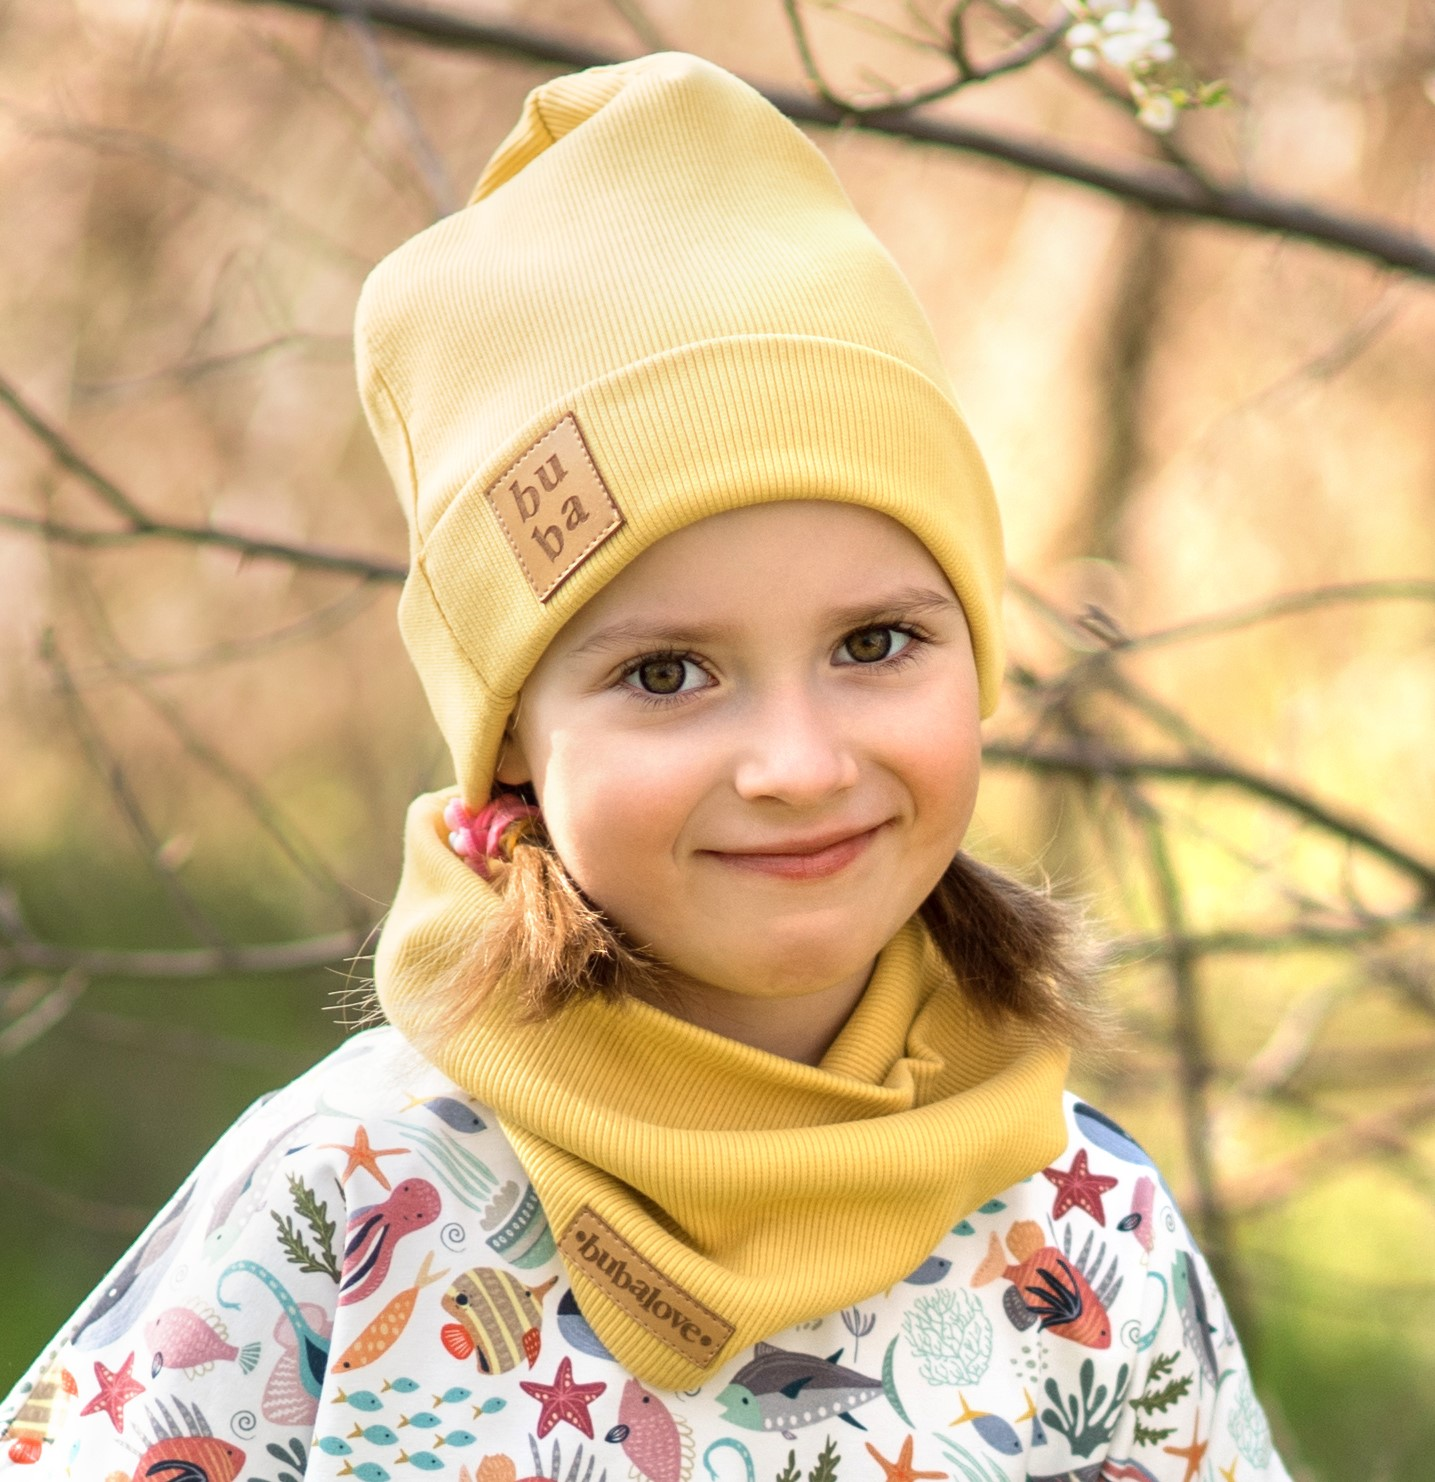 Czapka dziecięca wiosenno jesienna z kominem -musztardowa - Bubalove | JestemSlow.pl